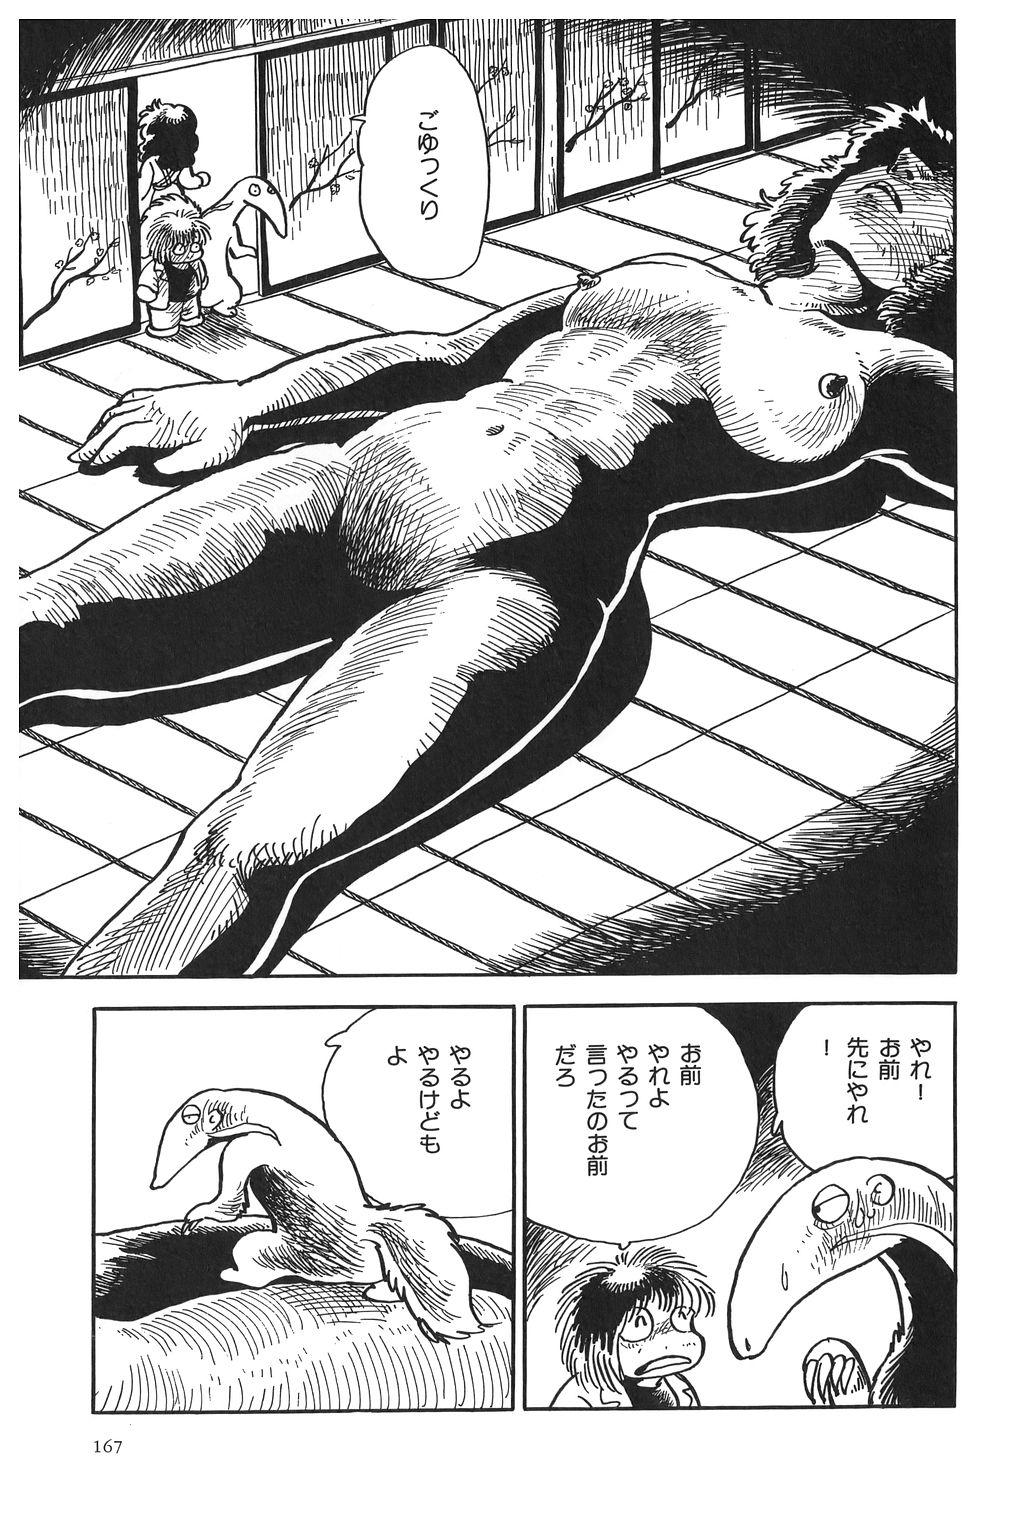 Azuma Hideo Sakuhin Shuusei - Yoru no Tobari no Naka de 169